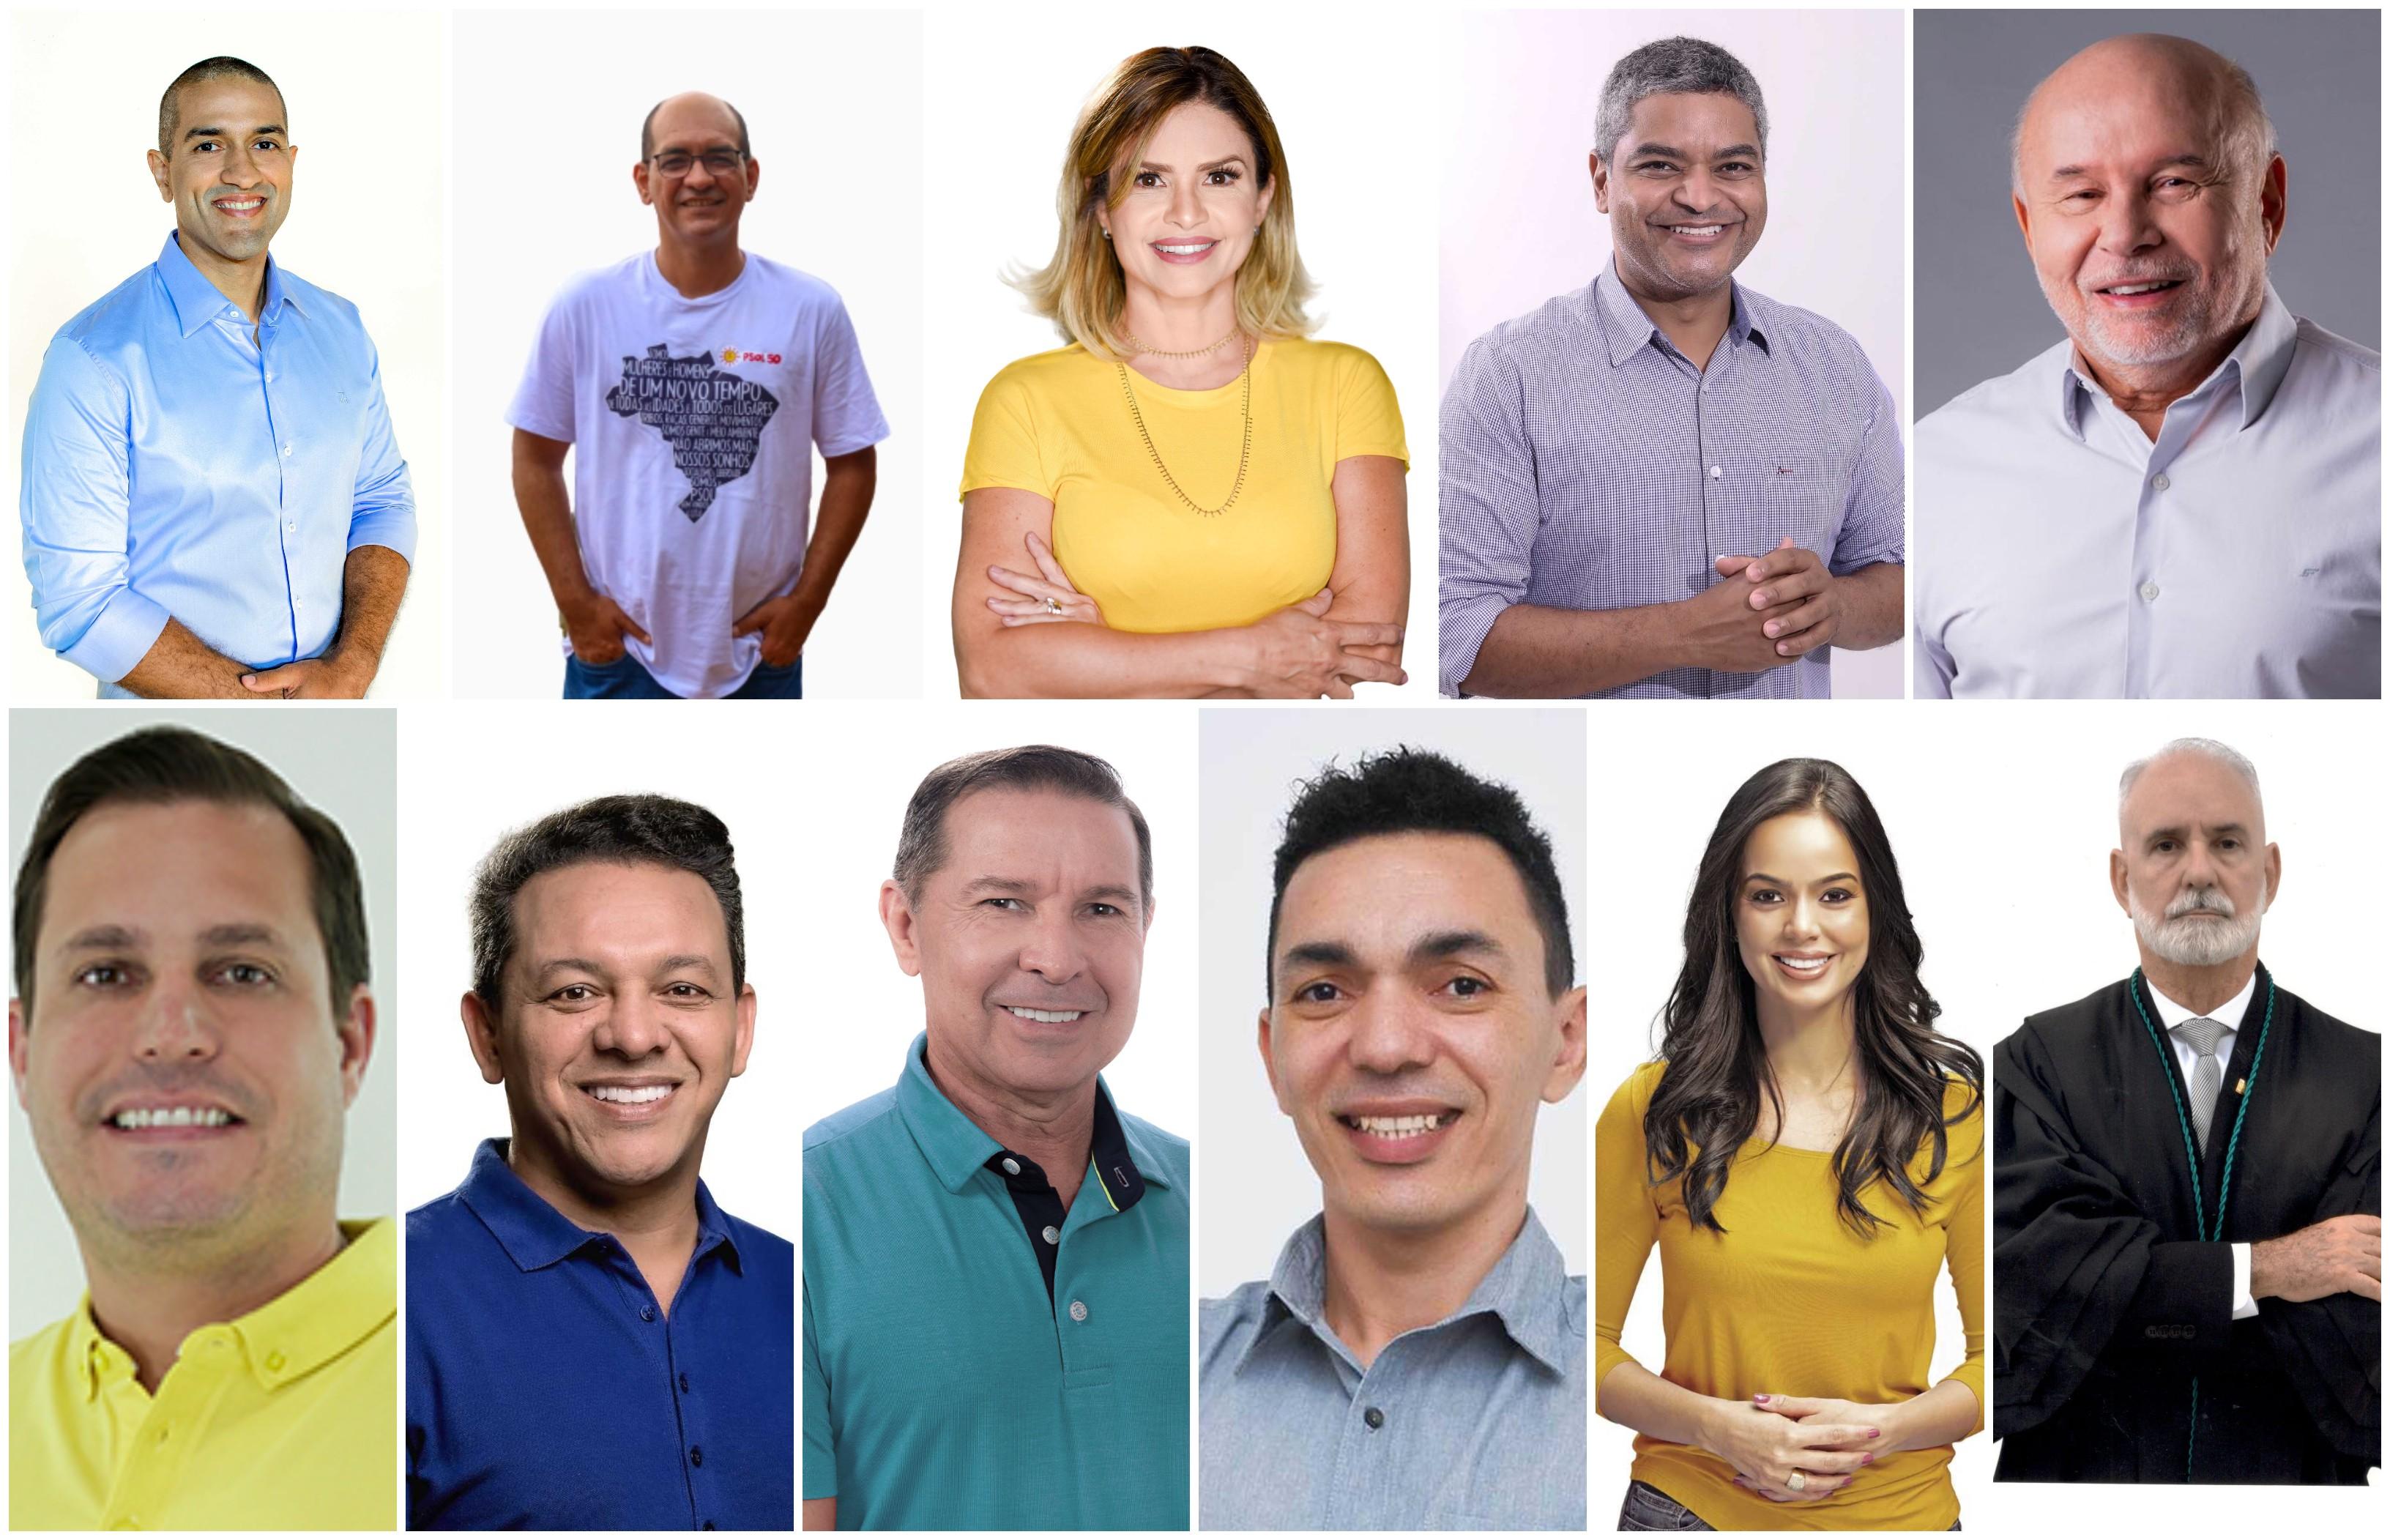 Eleições 2020: veja a agenda dos candidatos à prefeitura de Boa Vista nesta quinta-feira (29)